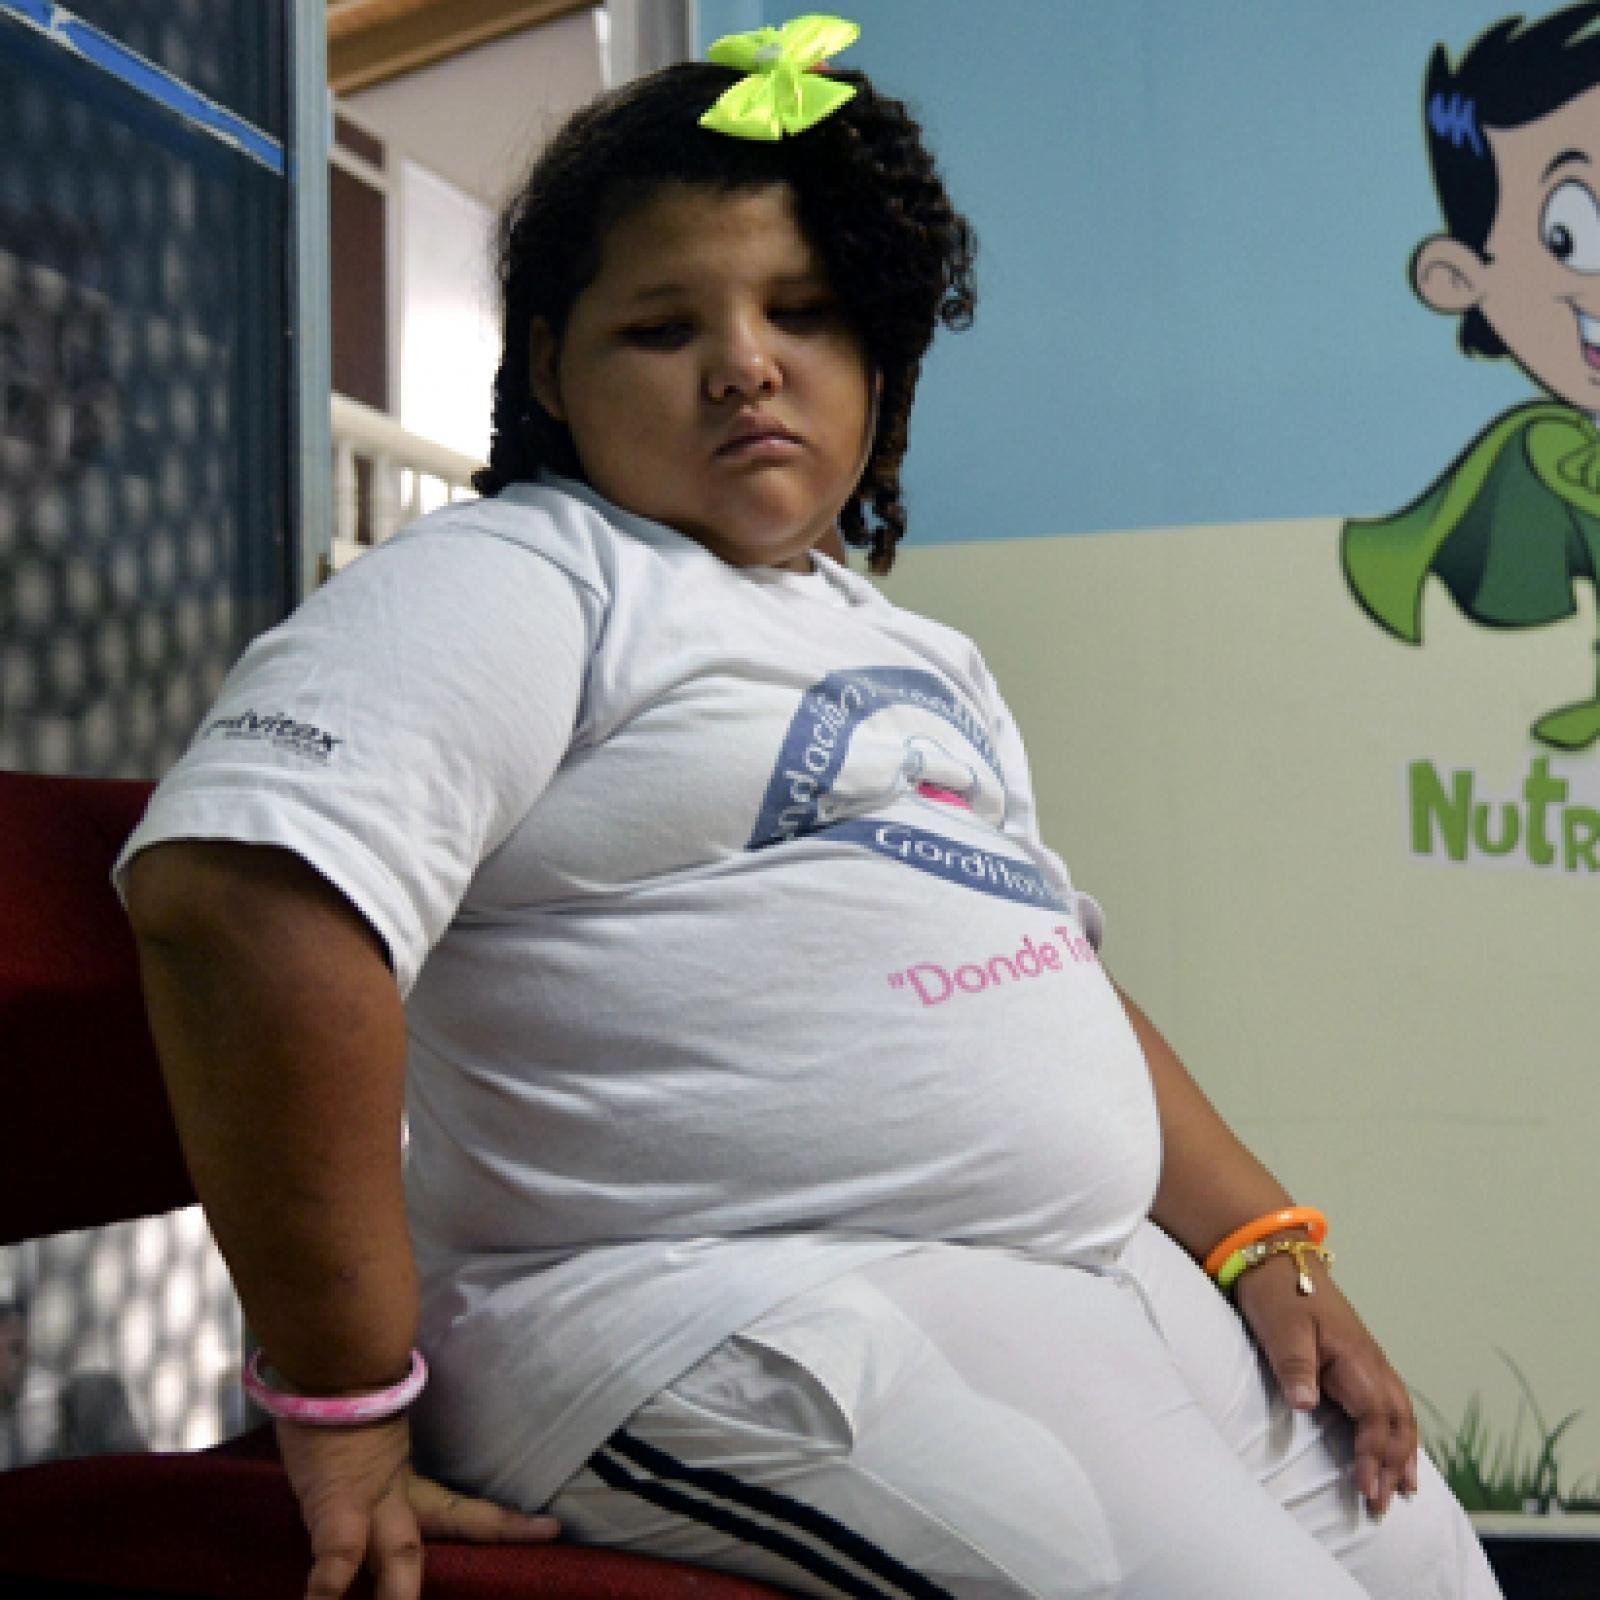 Ошибки родителей, которые растят толстых детей дети,здоровье,ожирение,питание,родители